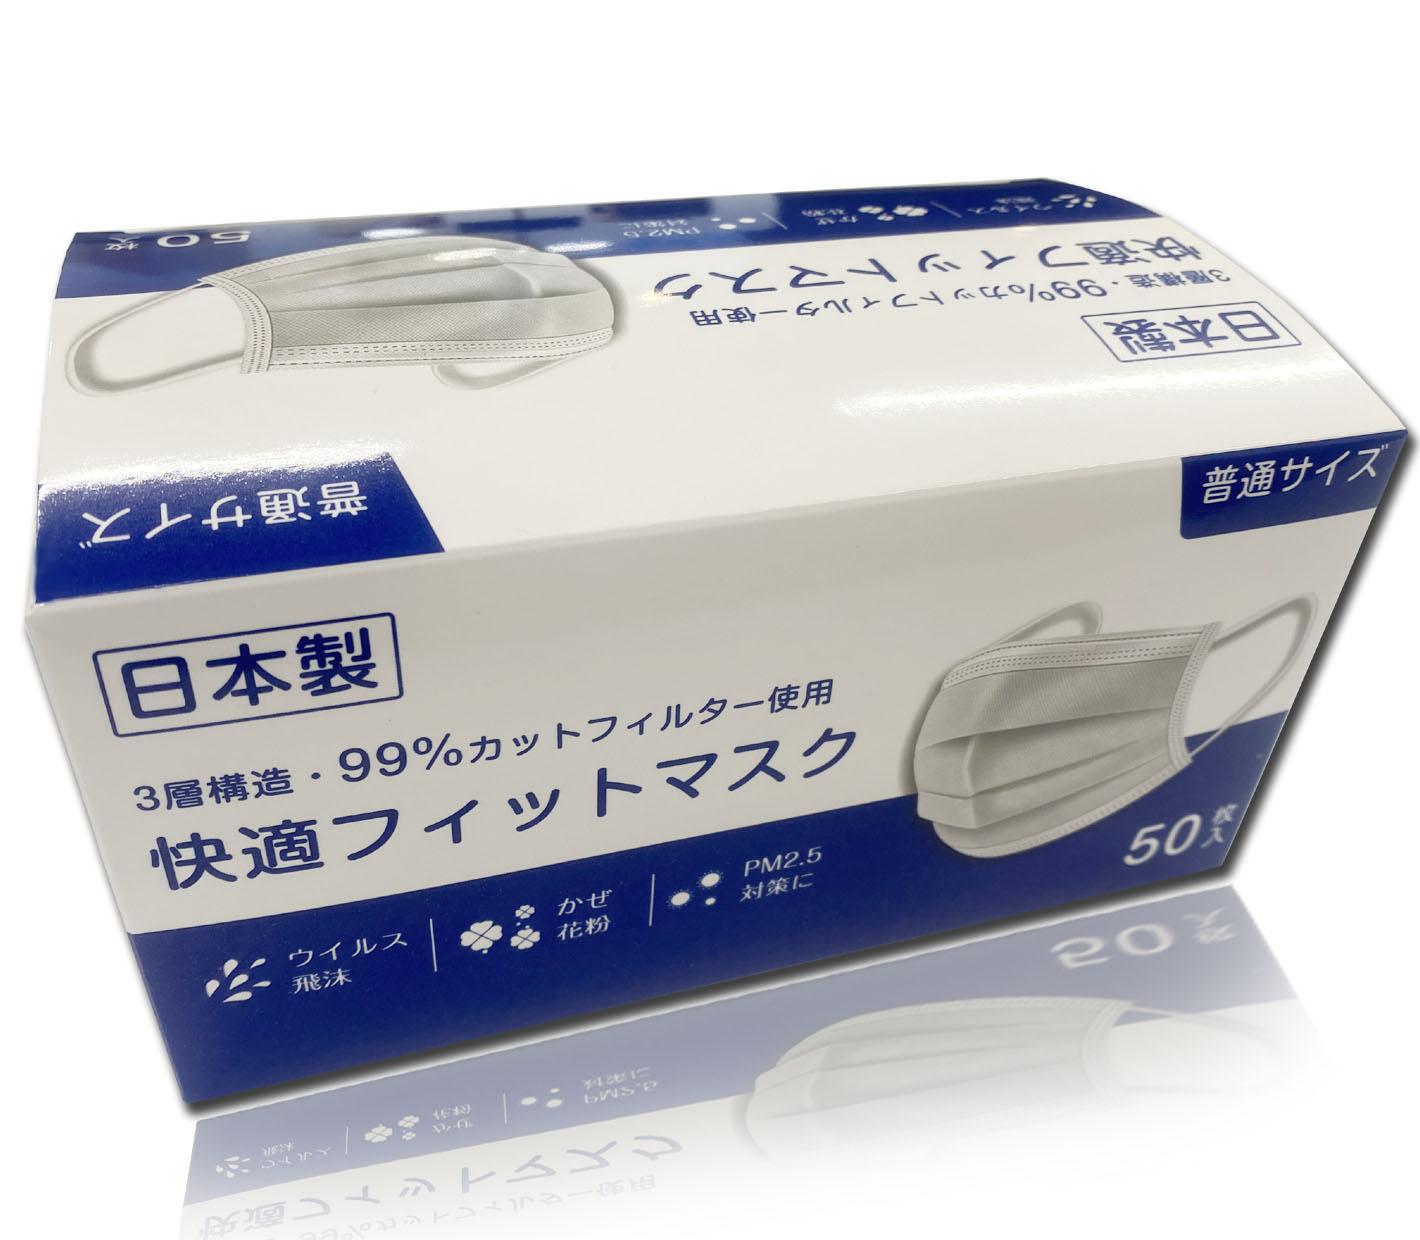 「日本製」送料無料 平ゴム採用 三層構造快適フィットマスク 不織布マスク